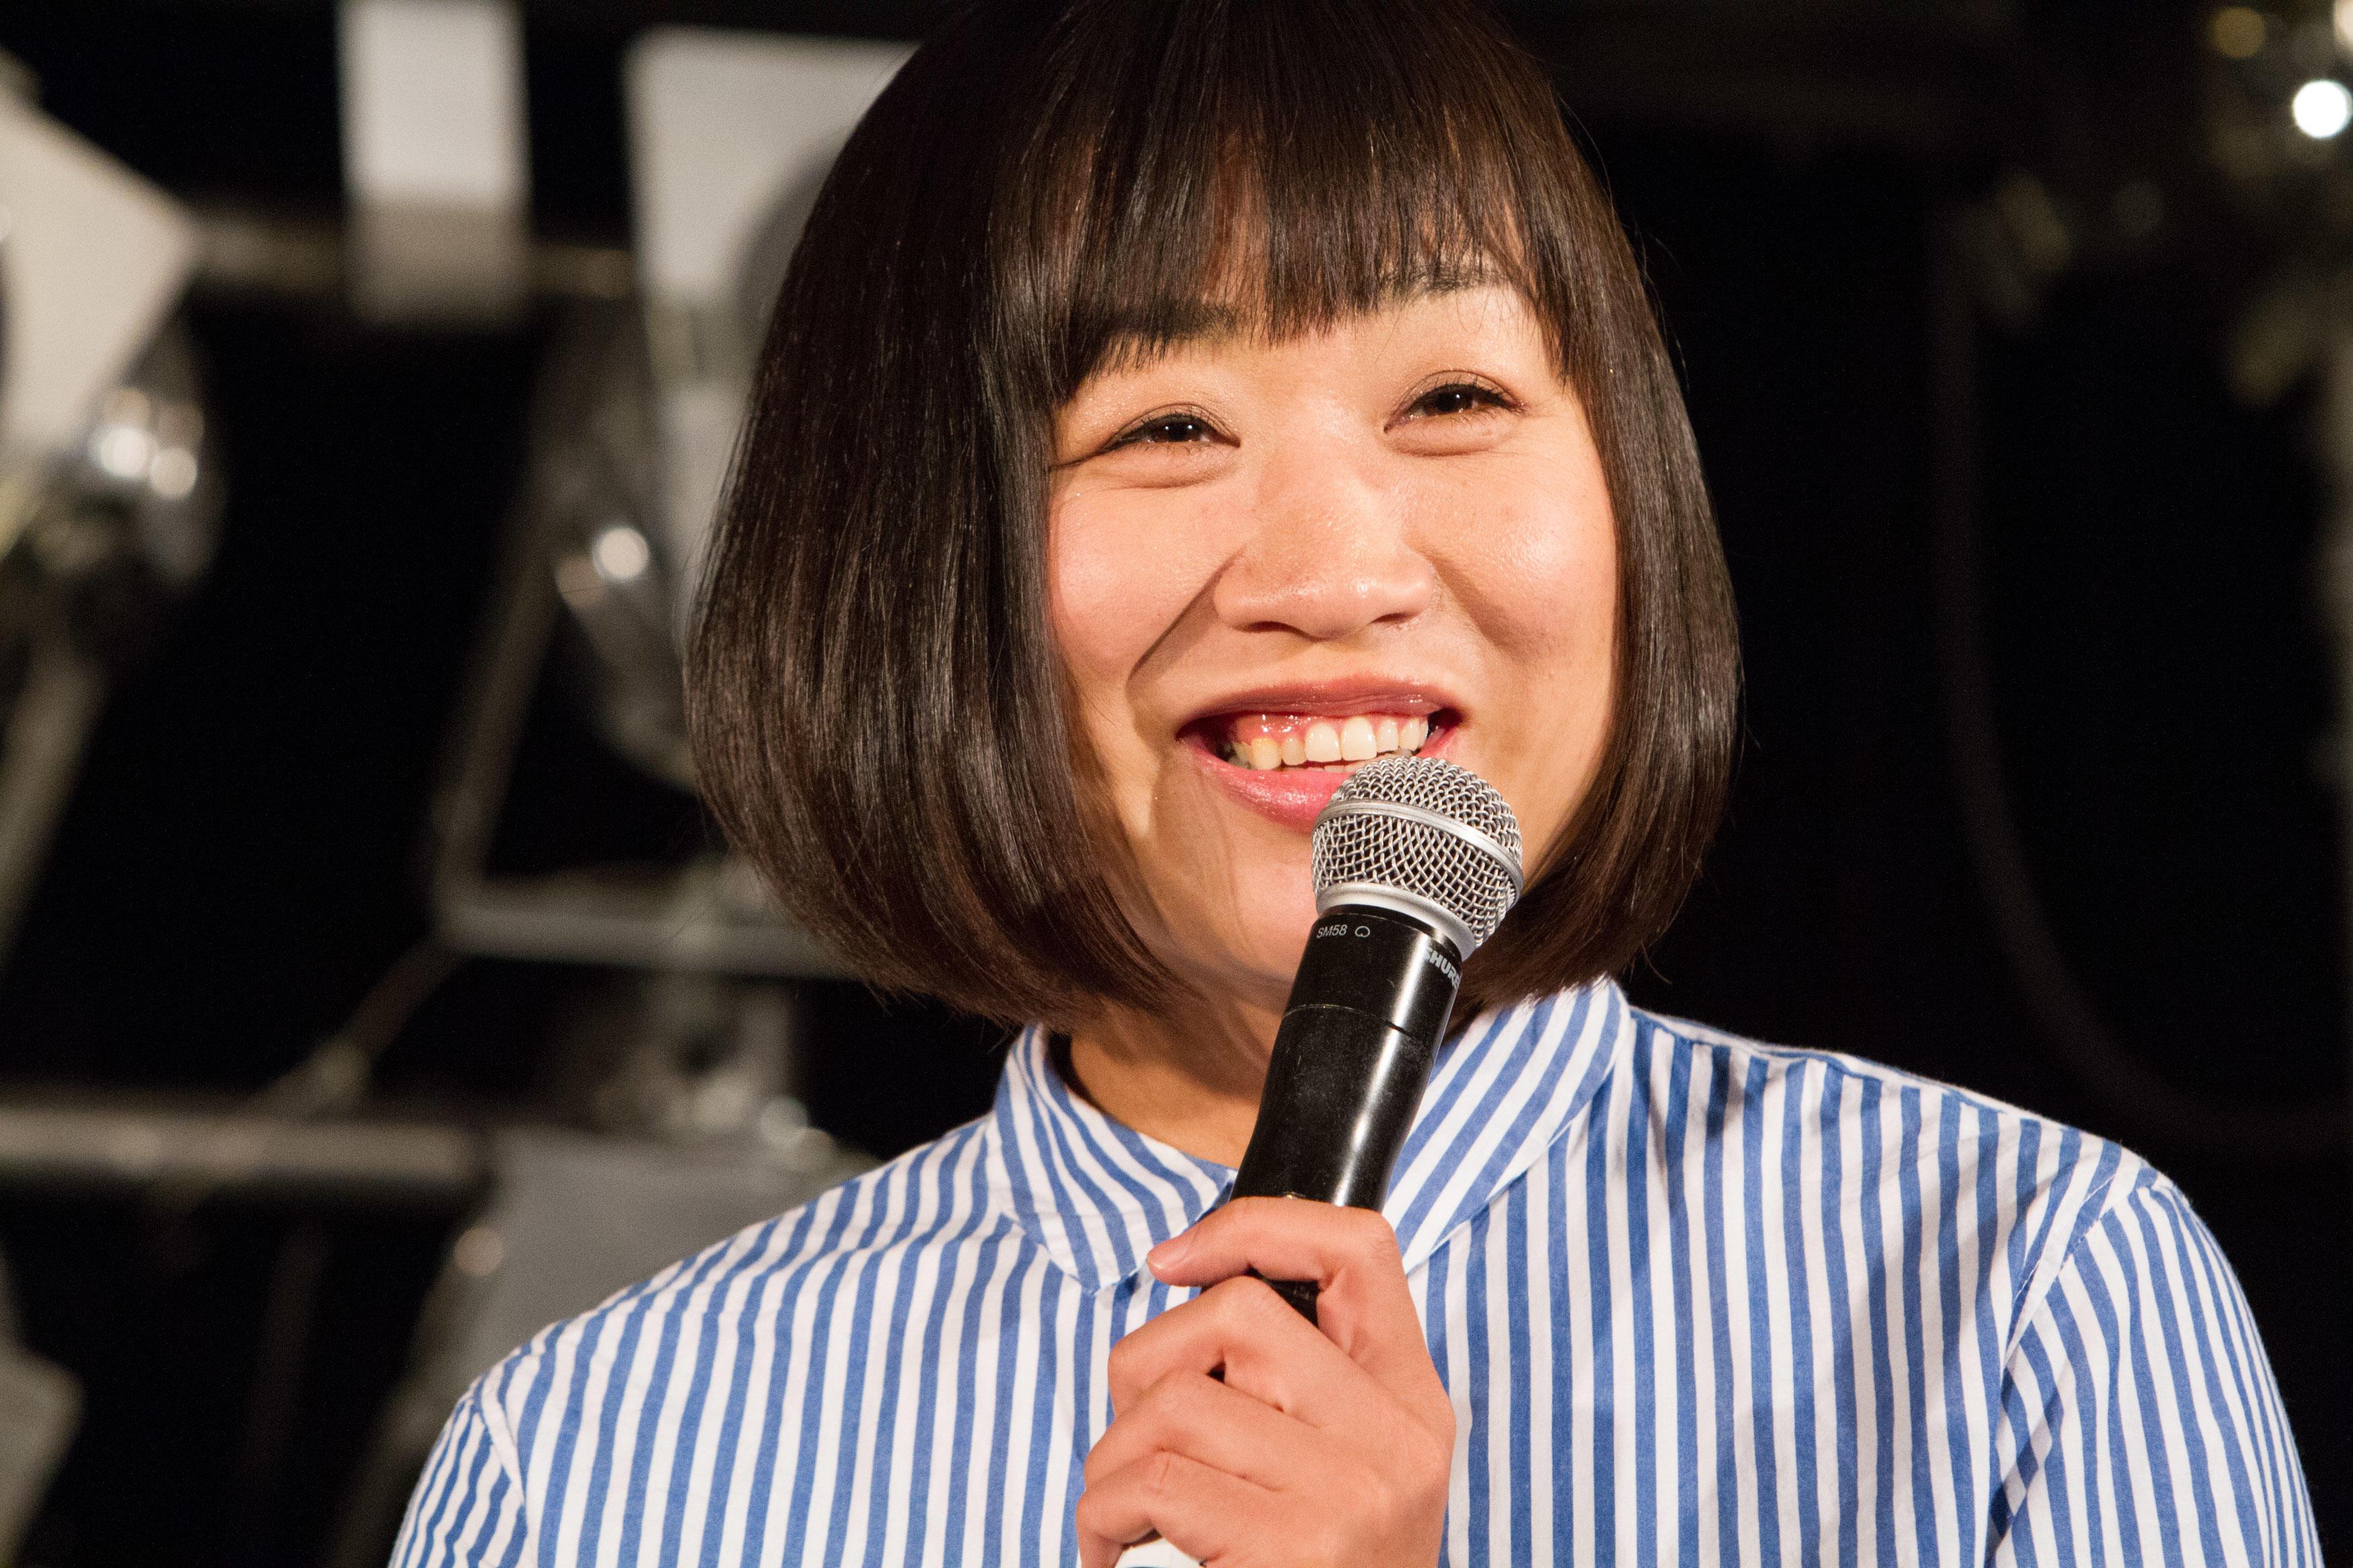 http://news.yoshimoto.co.jp/20180414163824-fba89b49a5cfc3782ee4e2a26b78f846a78d3332.jpg